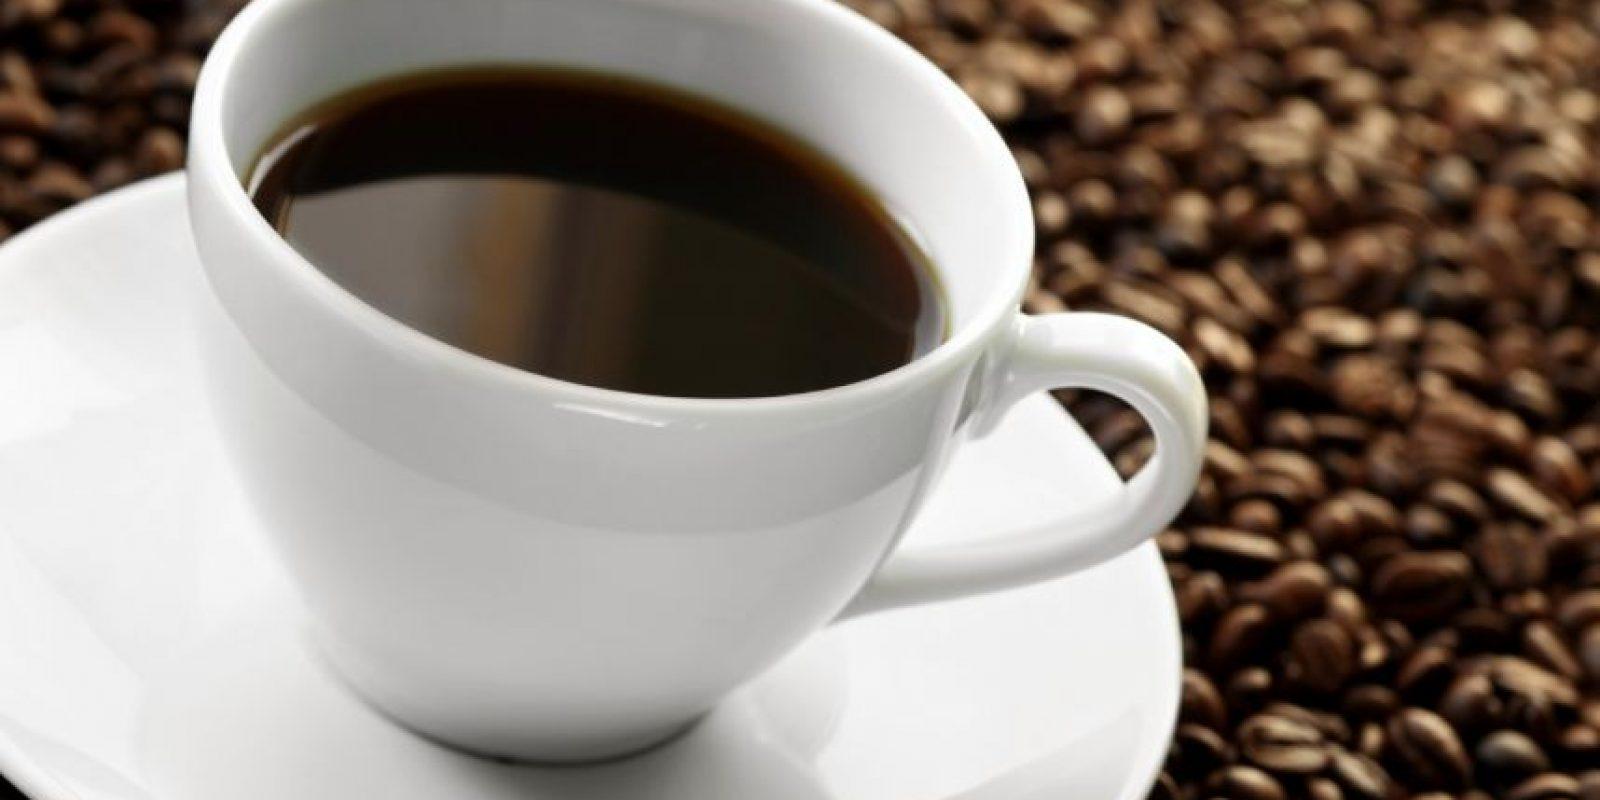 Las tazas de café en una oficina pueden estar cubiertas de un 20% de bacterias extraídas de heces fecales y el otro 80% de gérmenes. Por eso no la comparta. Foto:Shutterstock